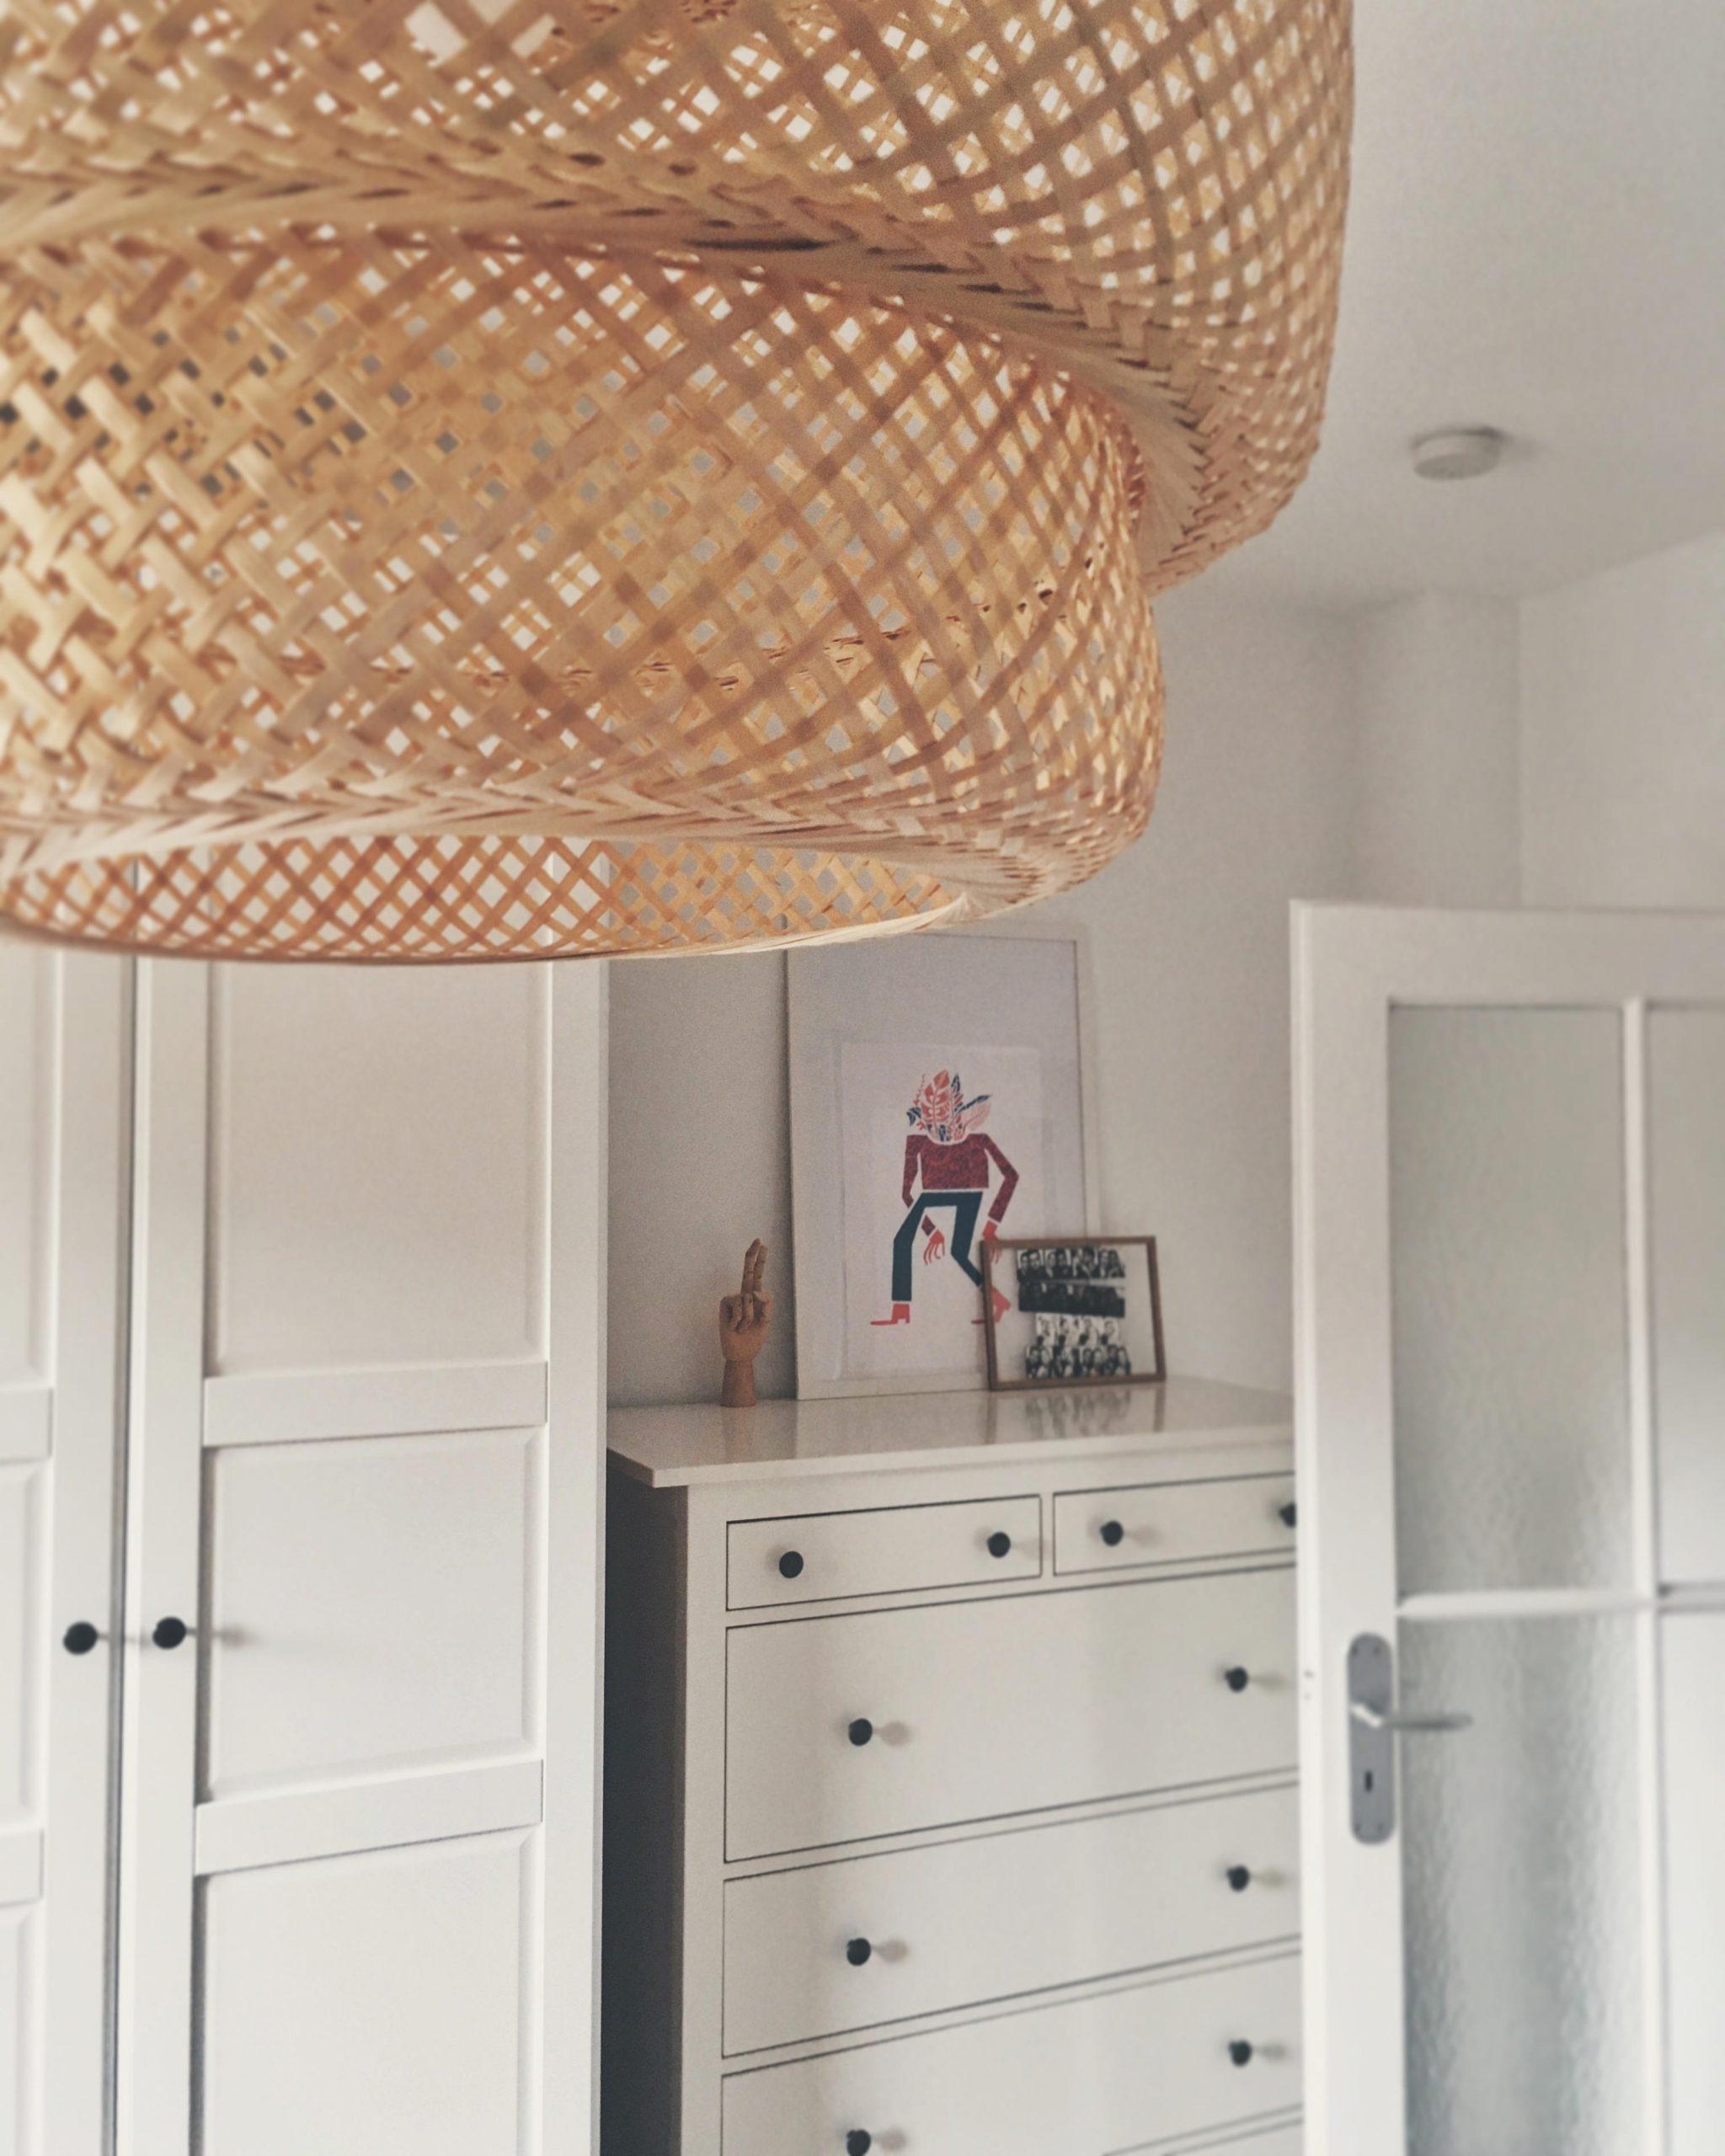 Full Size of Deckenlampe Schlafzimmer Deckenleuchte Holz Led Design Dimmbar Modern Skandinavisch Lampe Ikea E27 Deckenlampen Pinterest Groe Und Kleine Galerieecke Im Schlafzimmer Deckenlampe Schlafzimmer